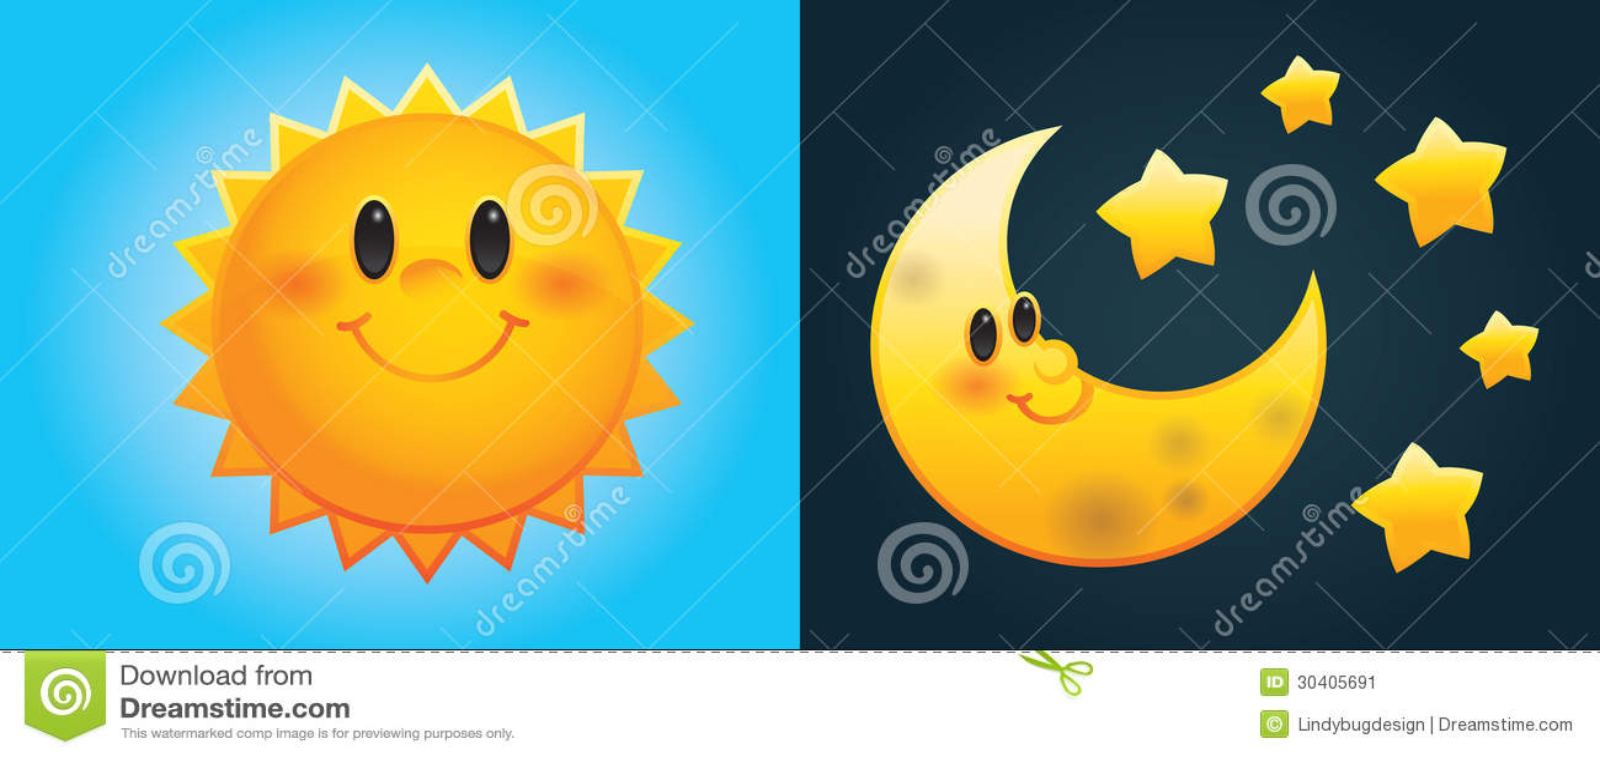 Sol e lua dos desenhos animados